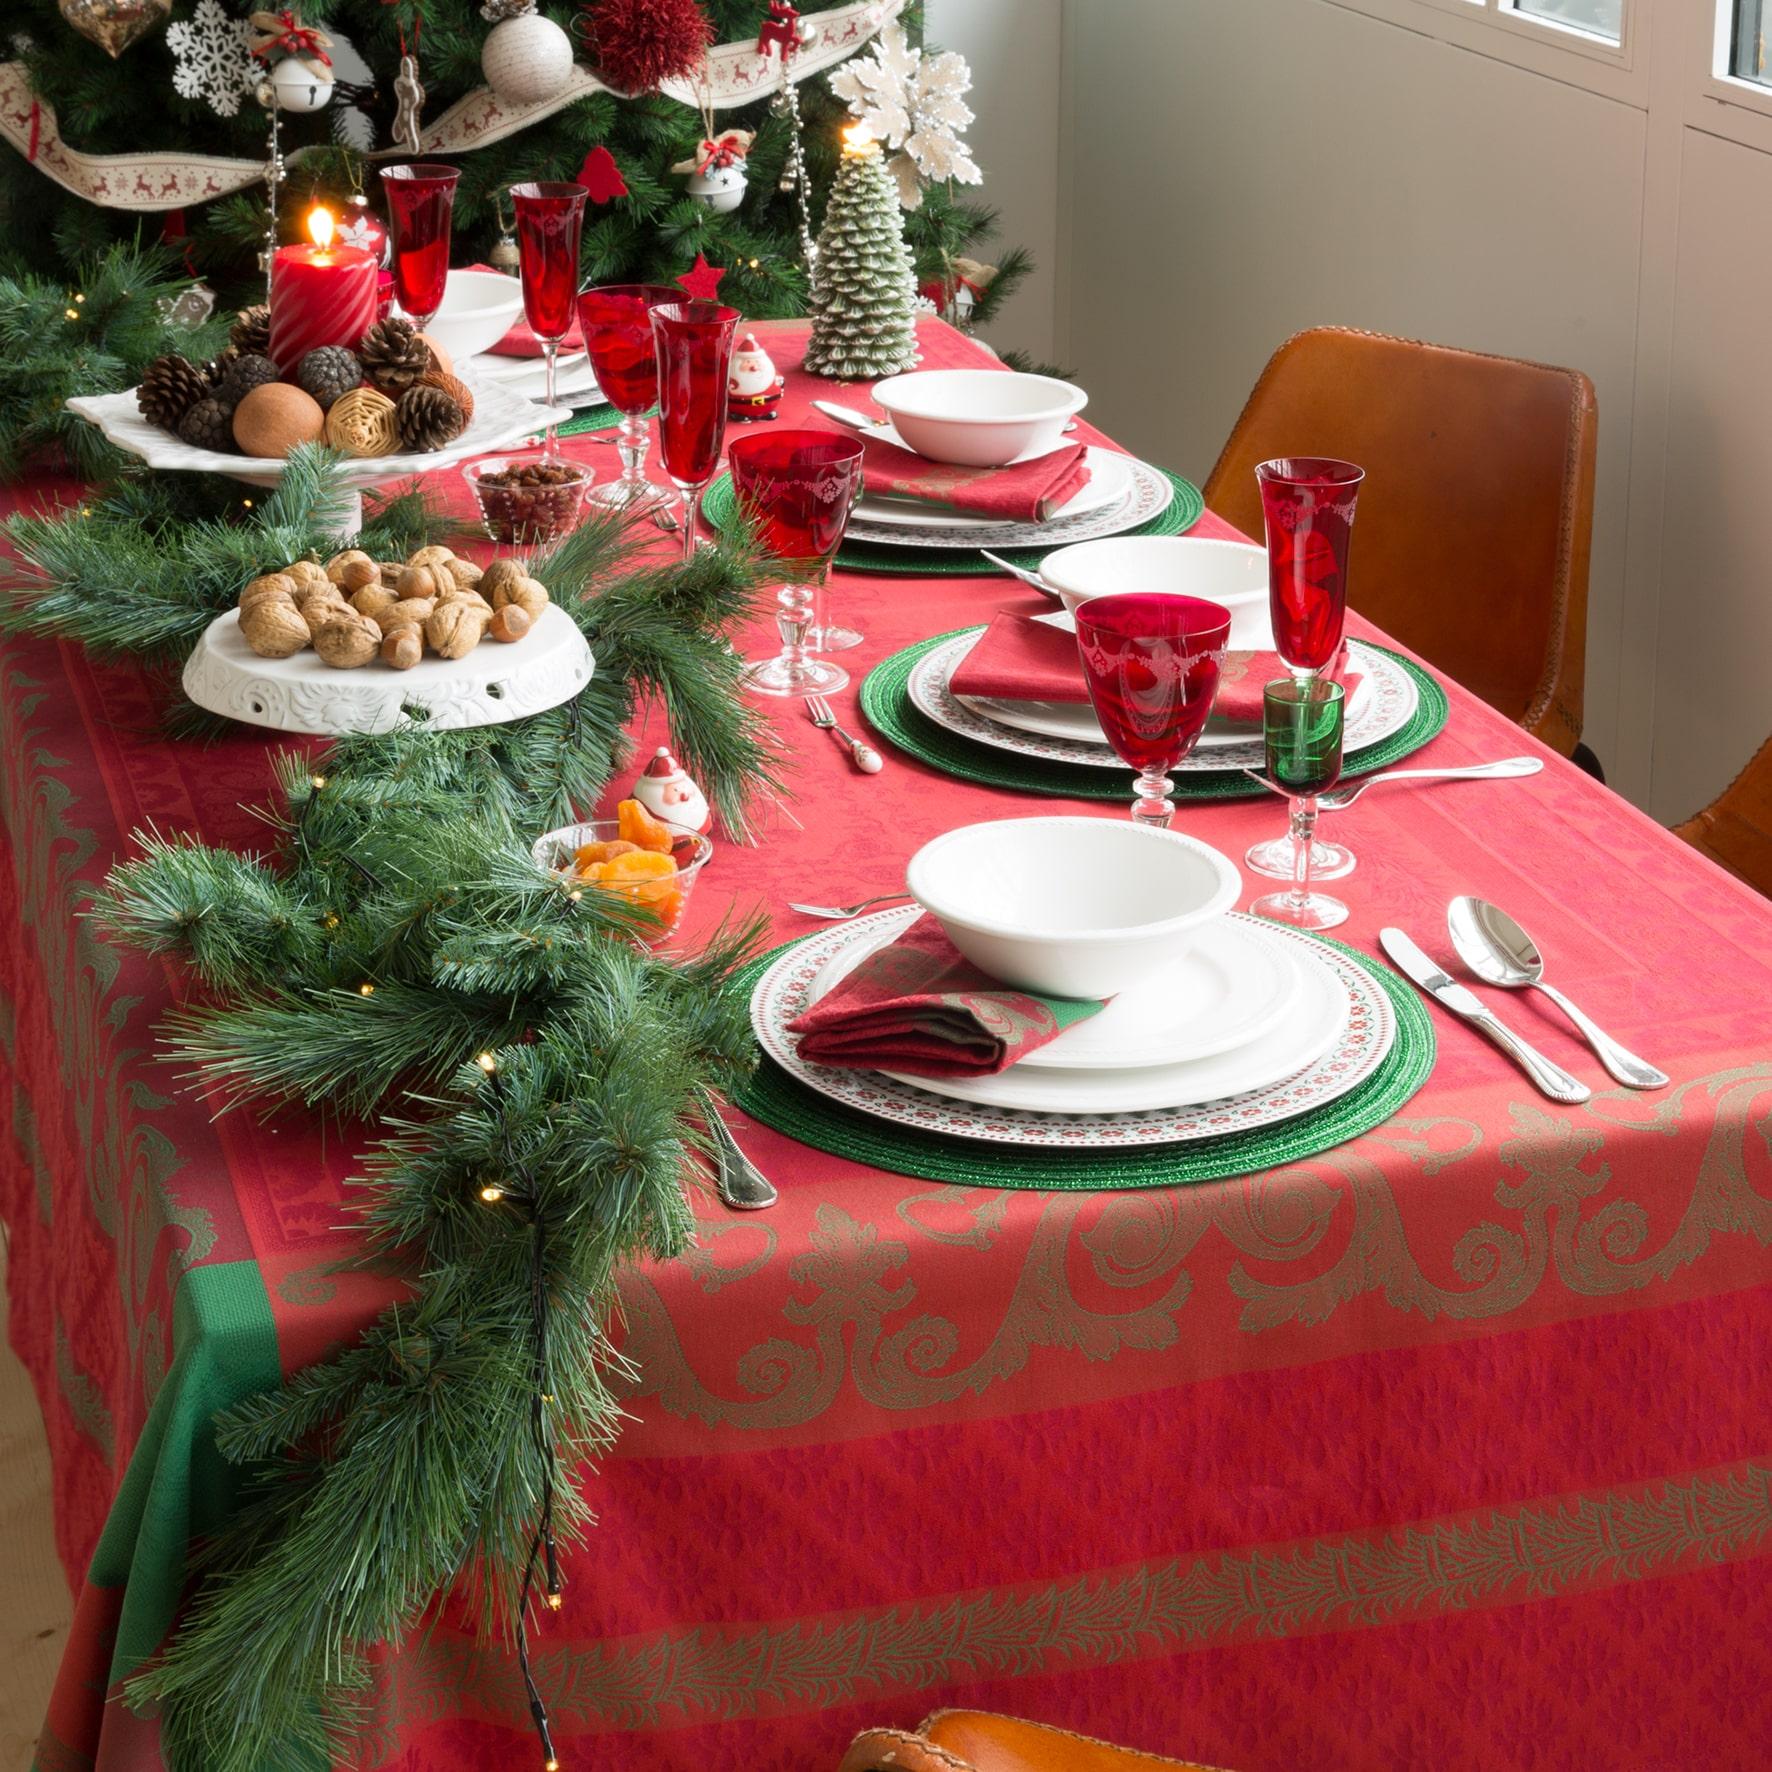 Natale 2015: 30 idee per apparecchiare la tavola di Natale